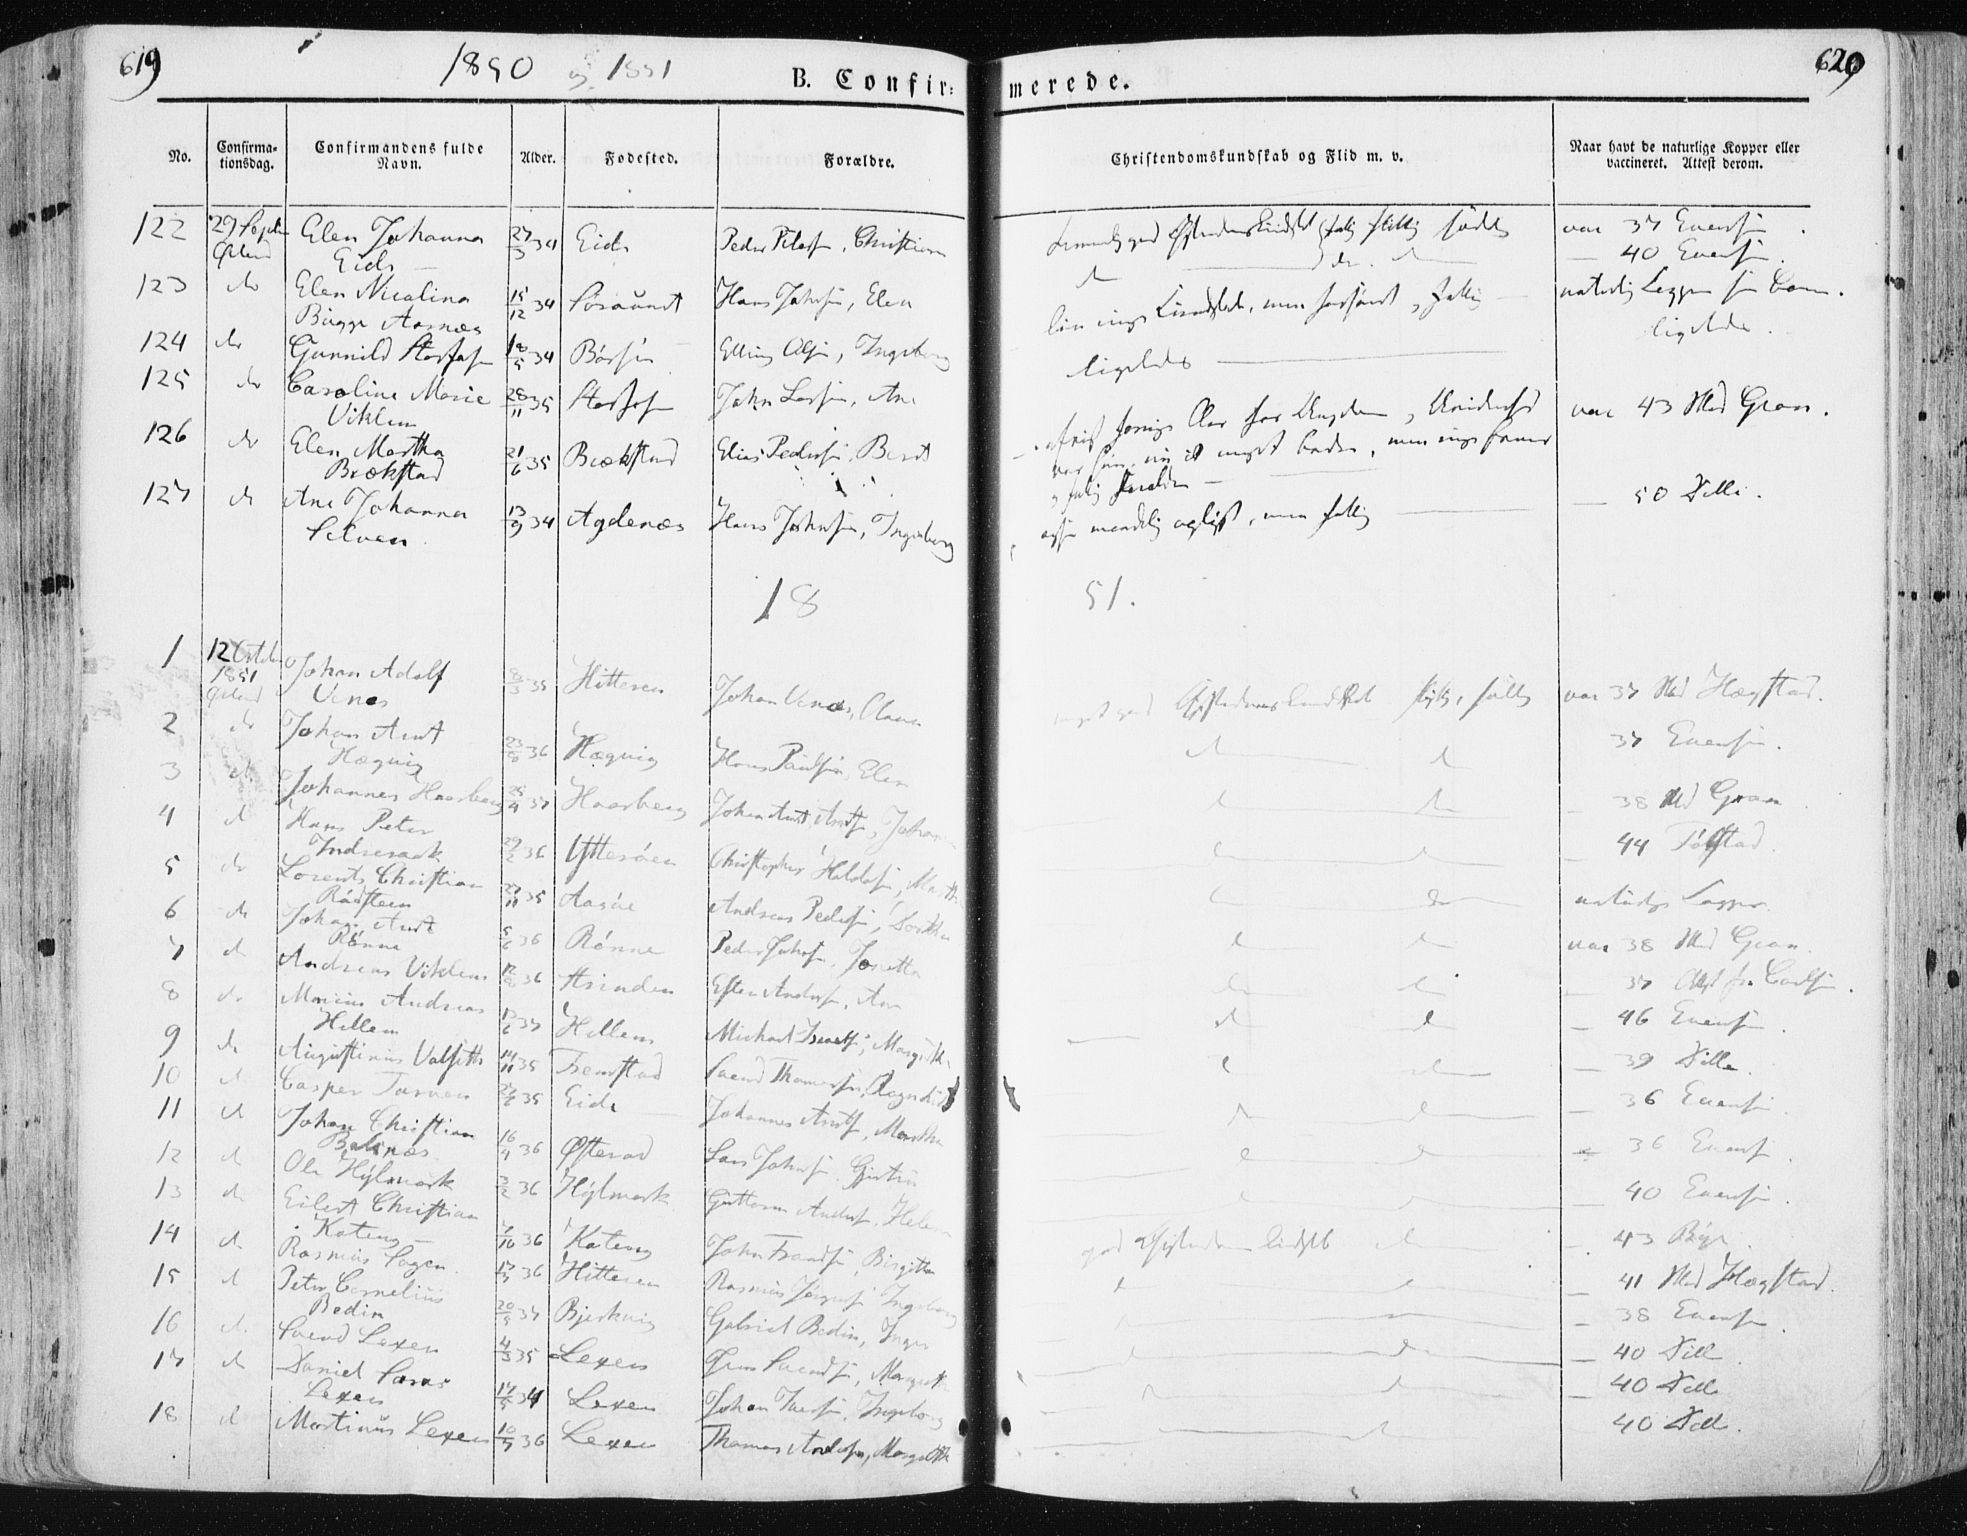 SAT, Ministerialprotokoller, klokkerbøker og fødselsregistre - Sør-Trøndelag, 659/L0736: Ministerialbok nr. 659A06, 1842-1856, s. 619-620